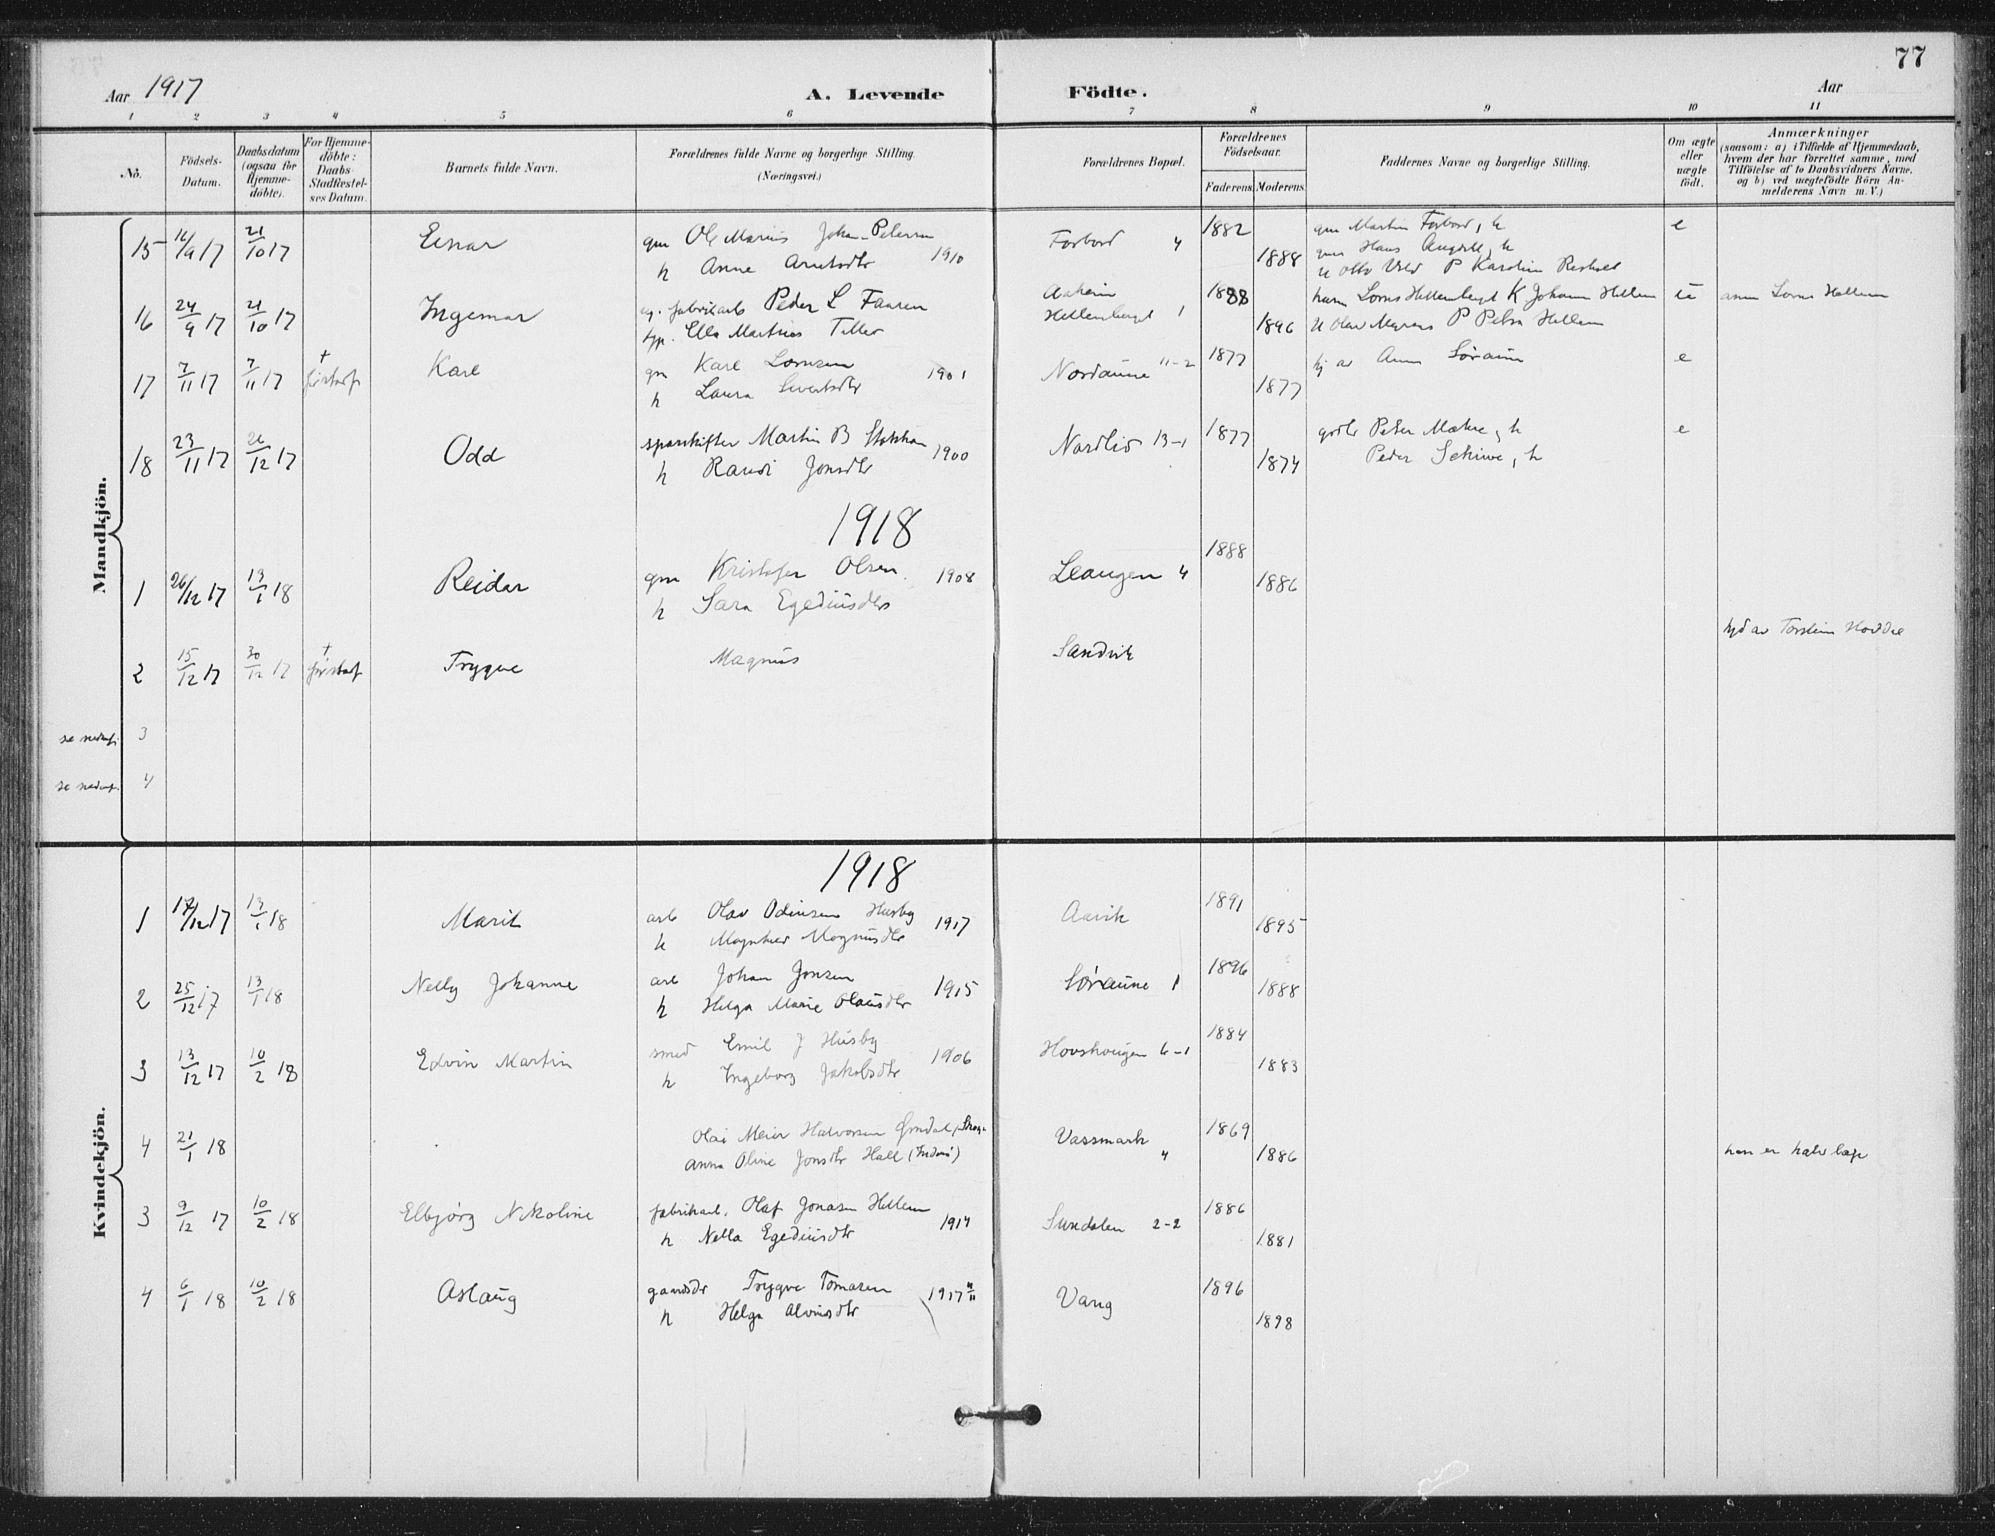 SAT, Ministerialprotokoller, klokkerbøker og fødselsregistre - Nord-Trøndelag, 714/L0131: Ministerialbok nr. 714A02, 1896-1918, s. 77